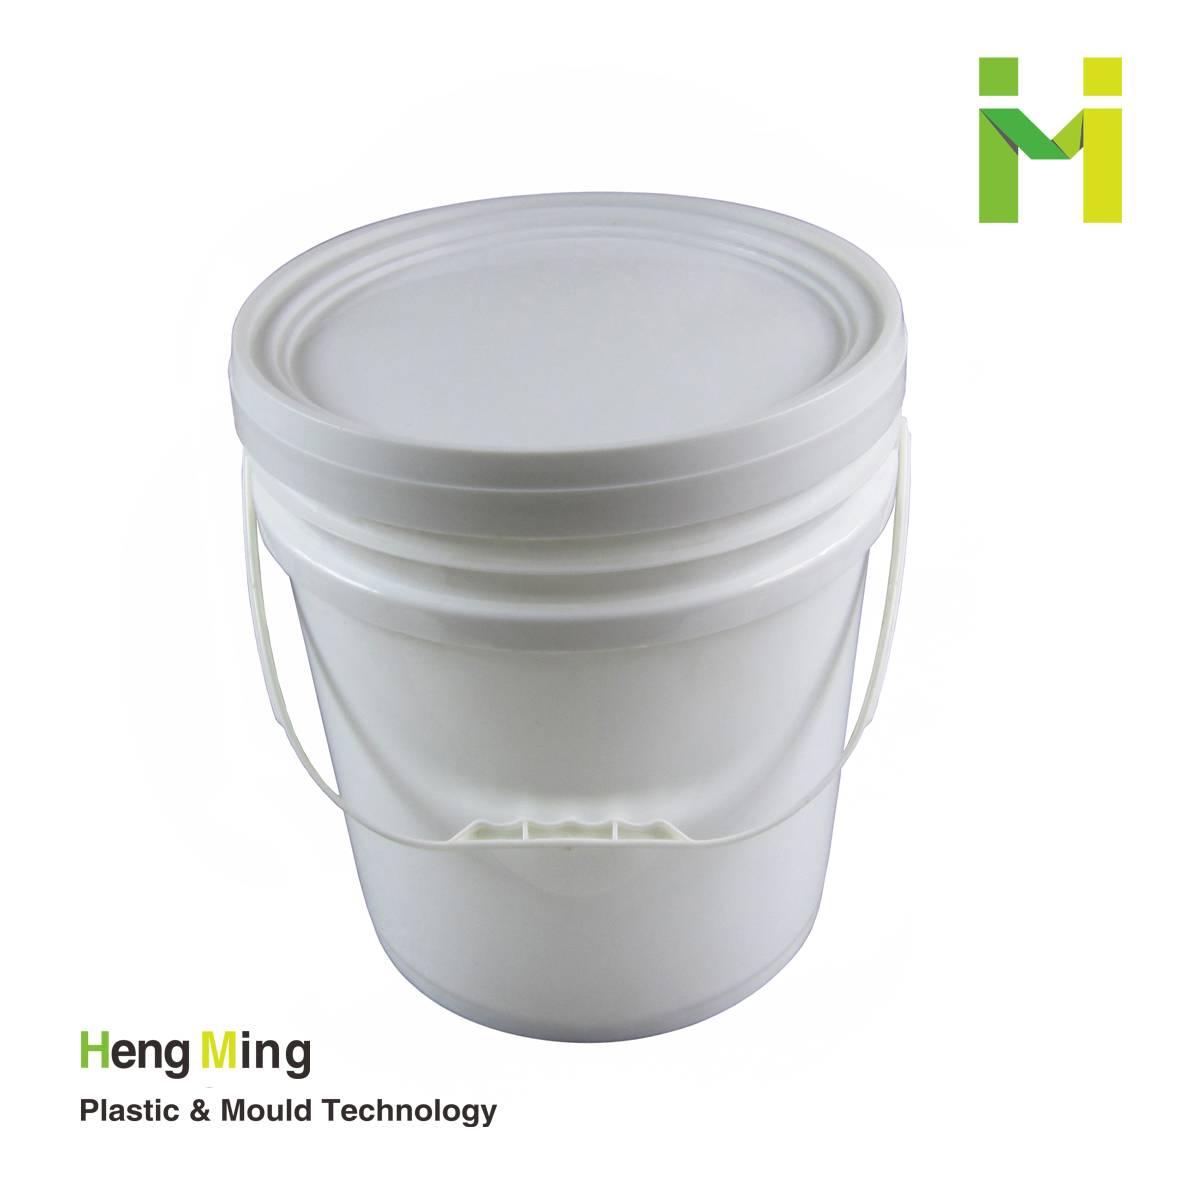 18liter plastic water bucket